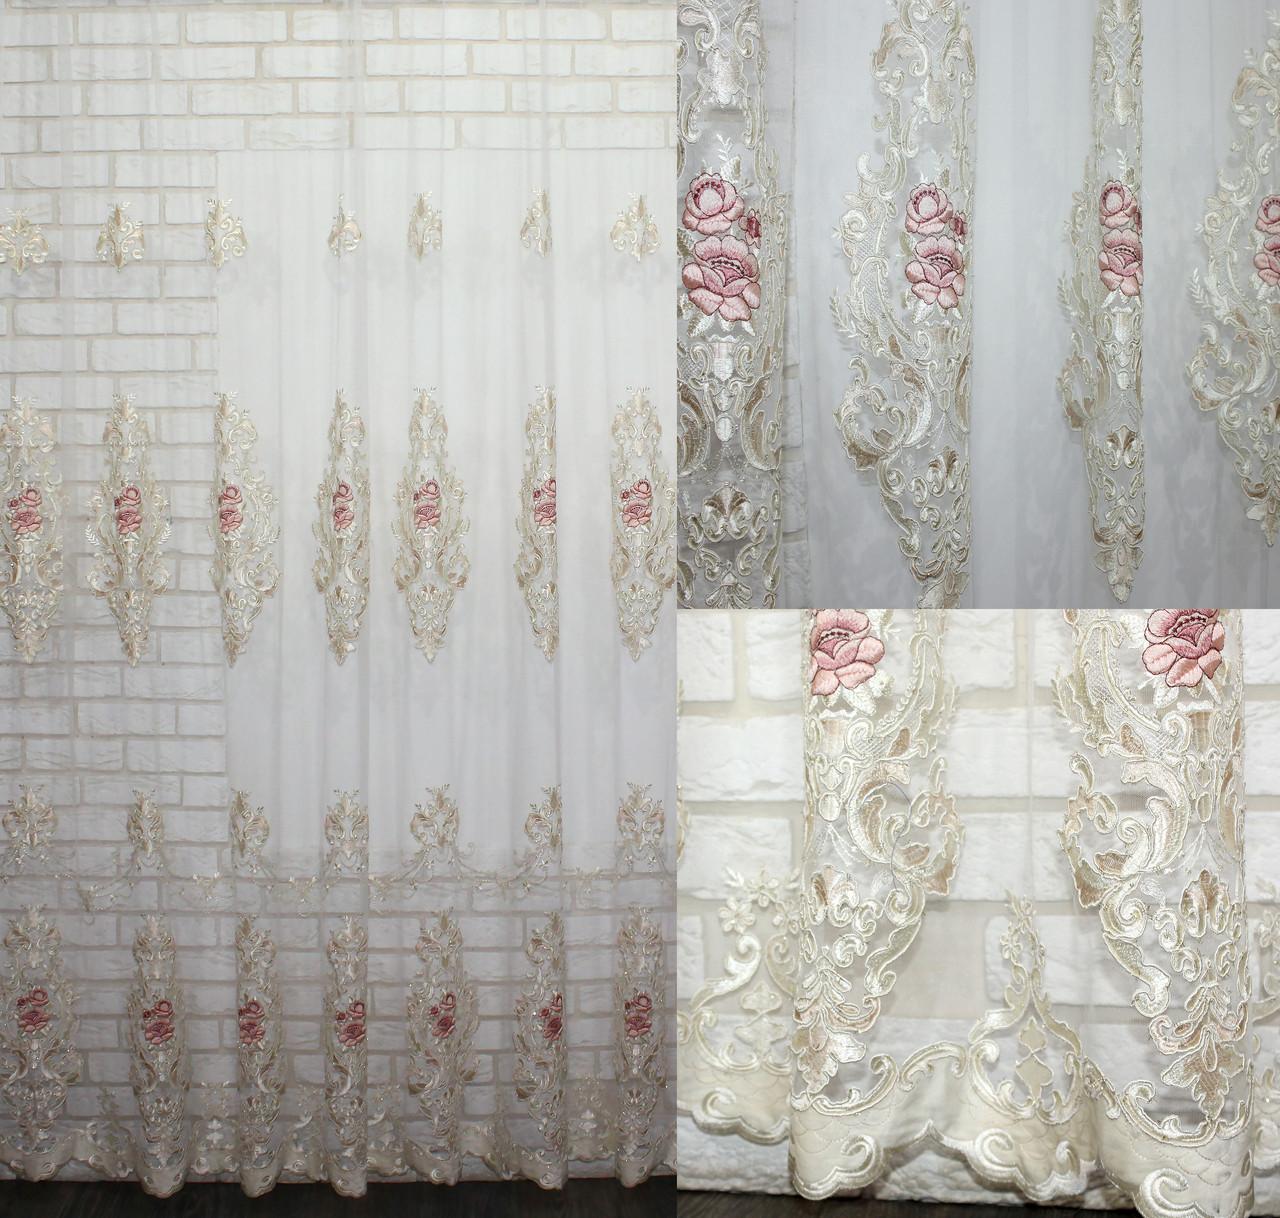 Тюль фатин бархат  с вышивкой(Троянди), цвет шампань с розовым. Код 600т  (3*2,5) 40-263